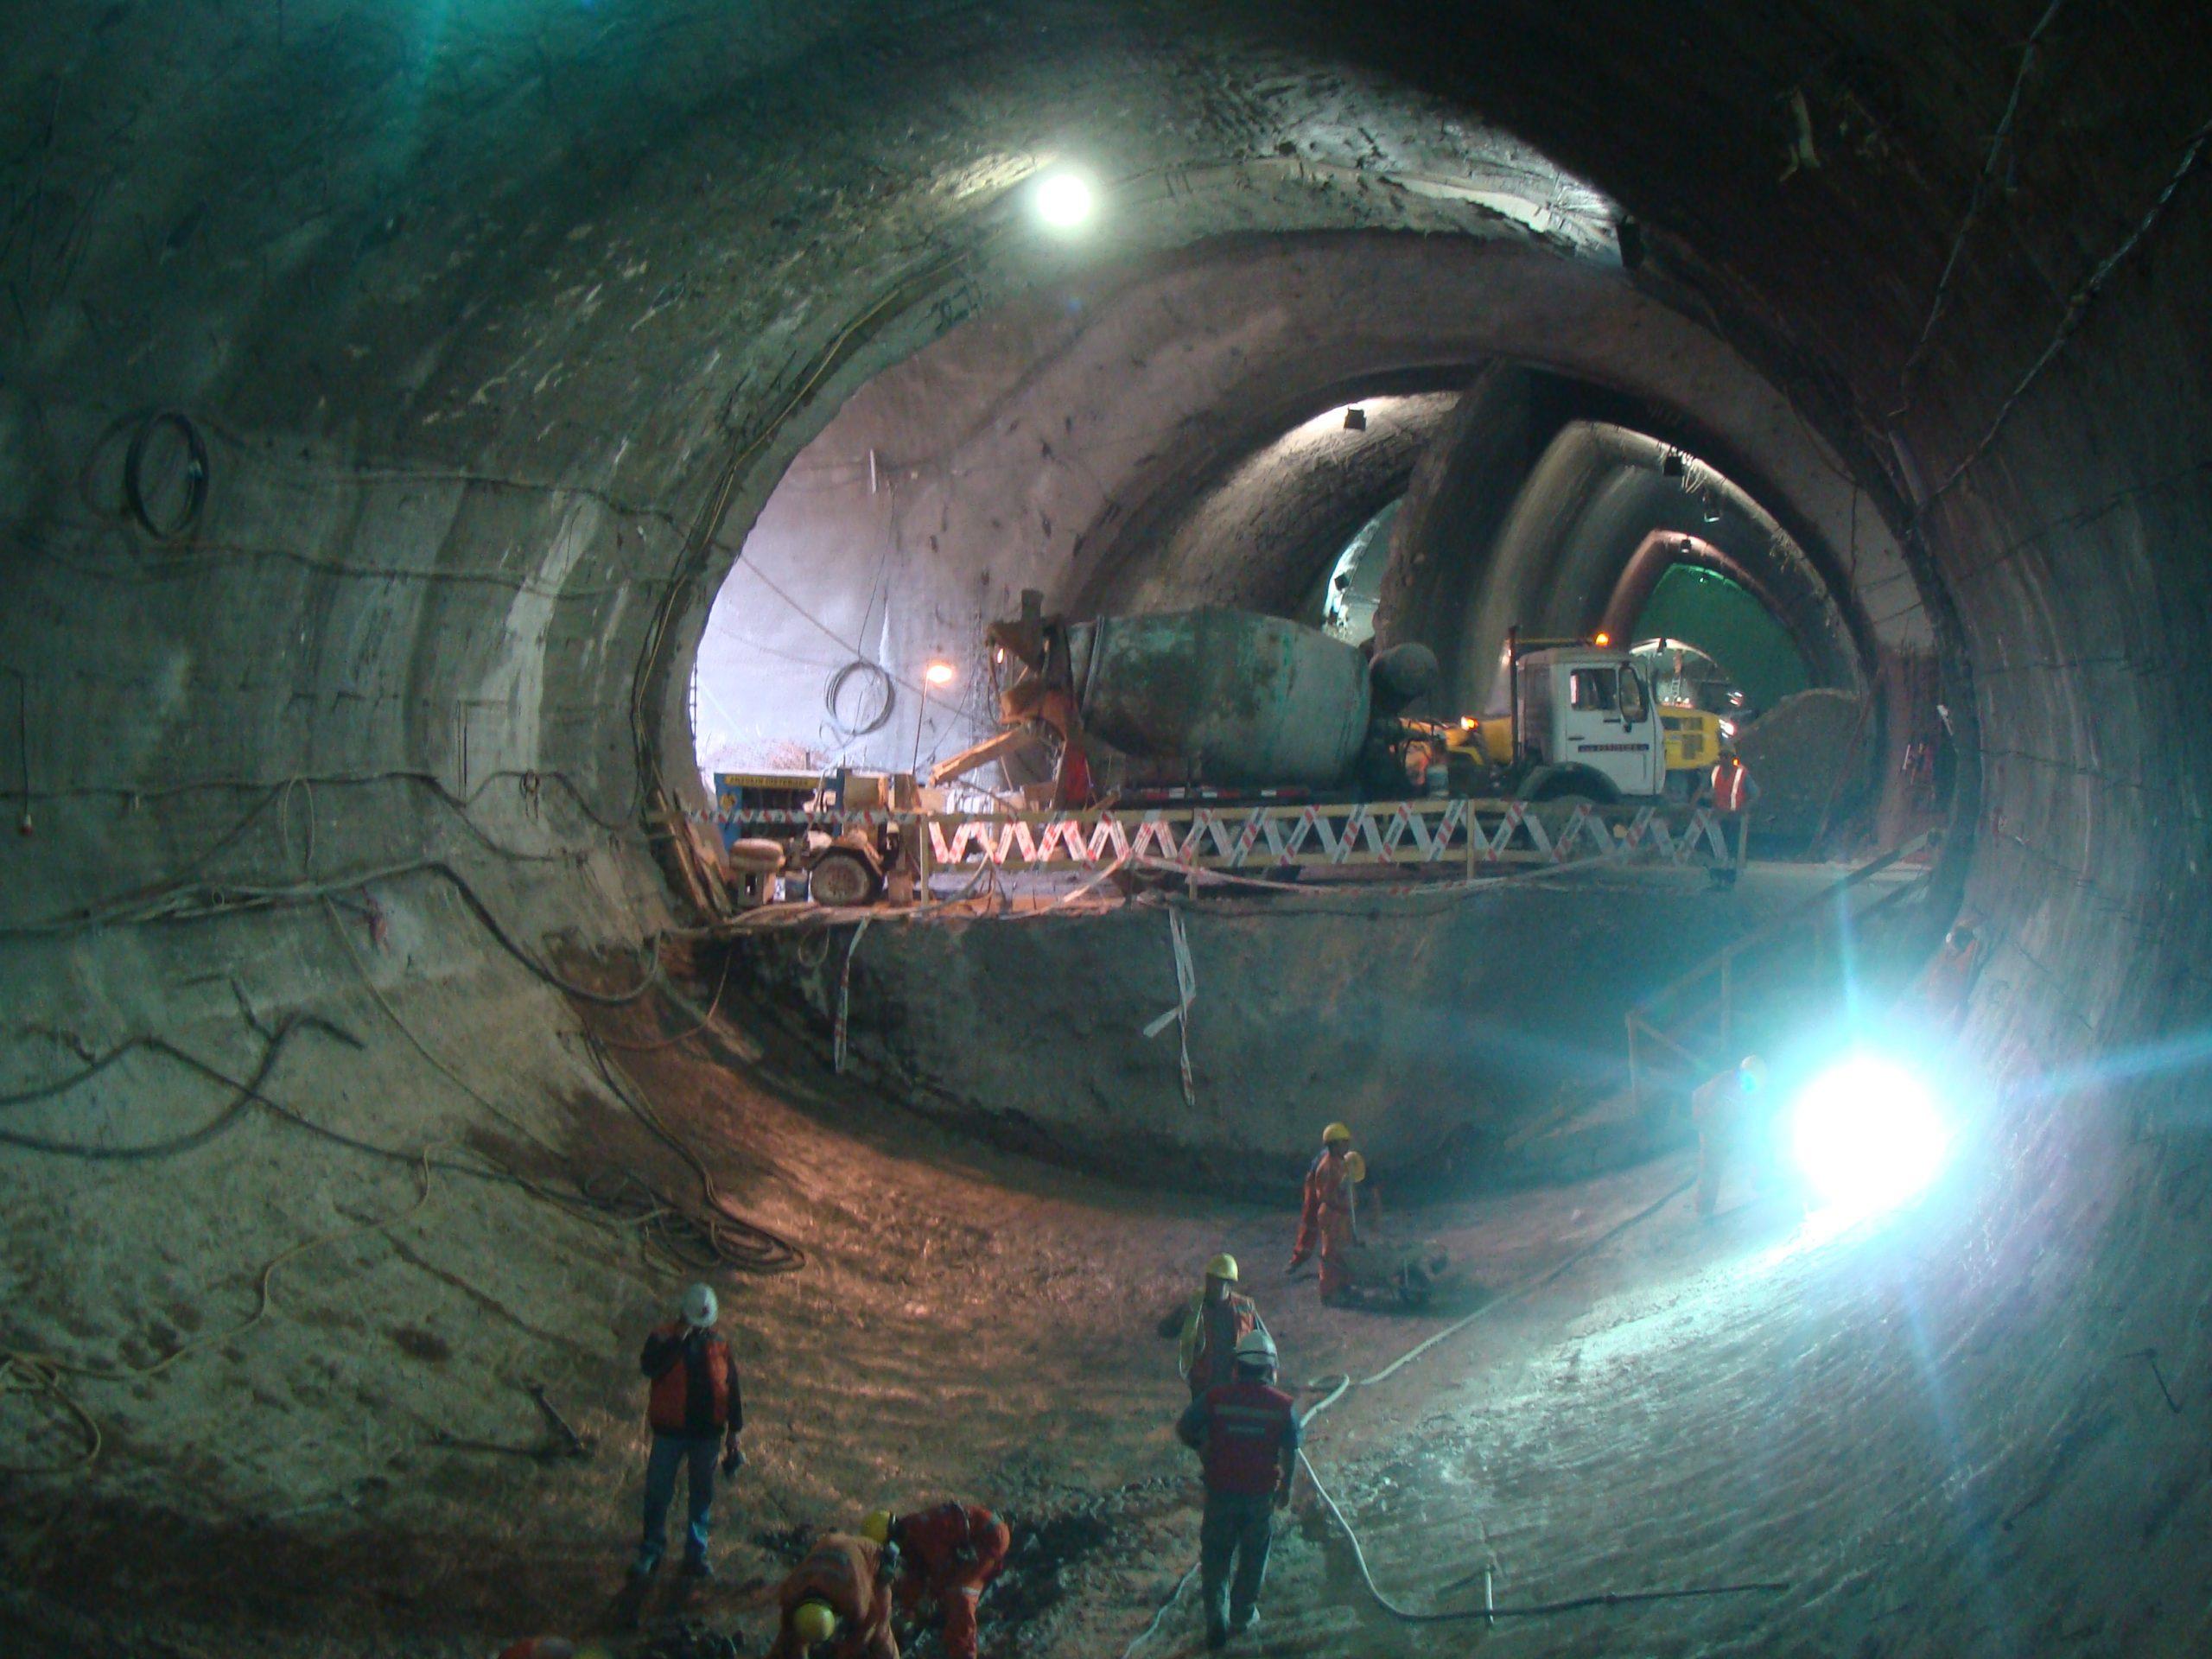 Construcción y espacios subterráneos: Pensando bajo tierra